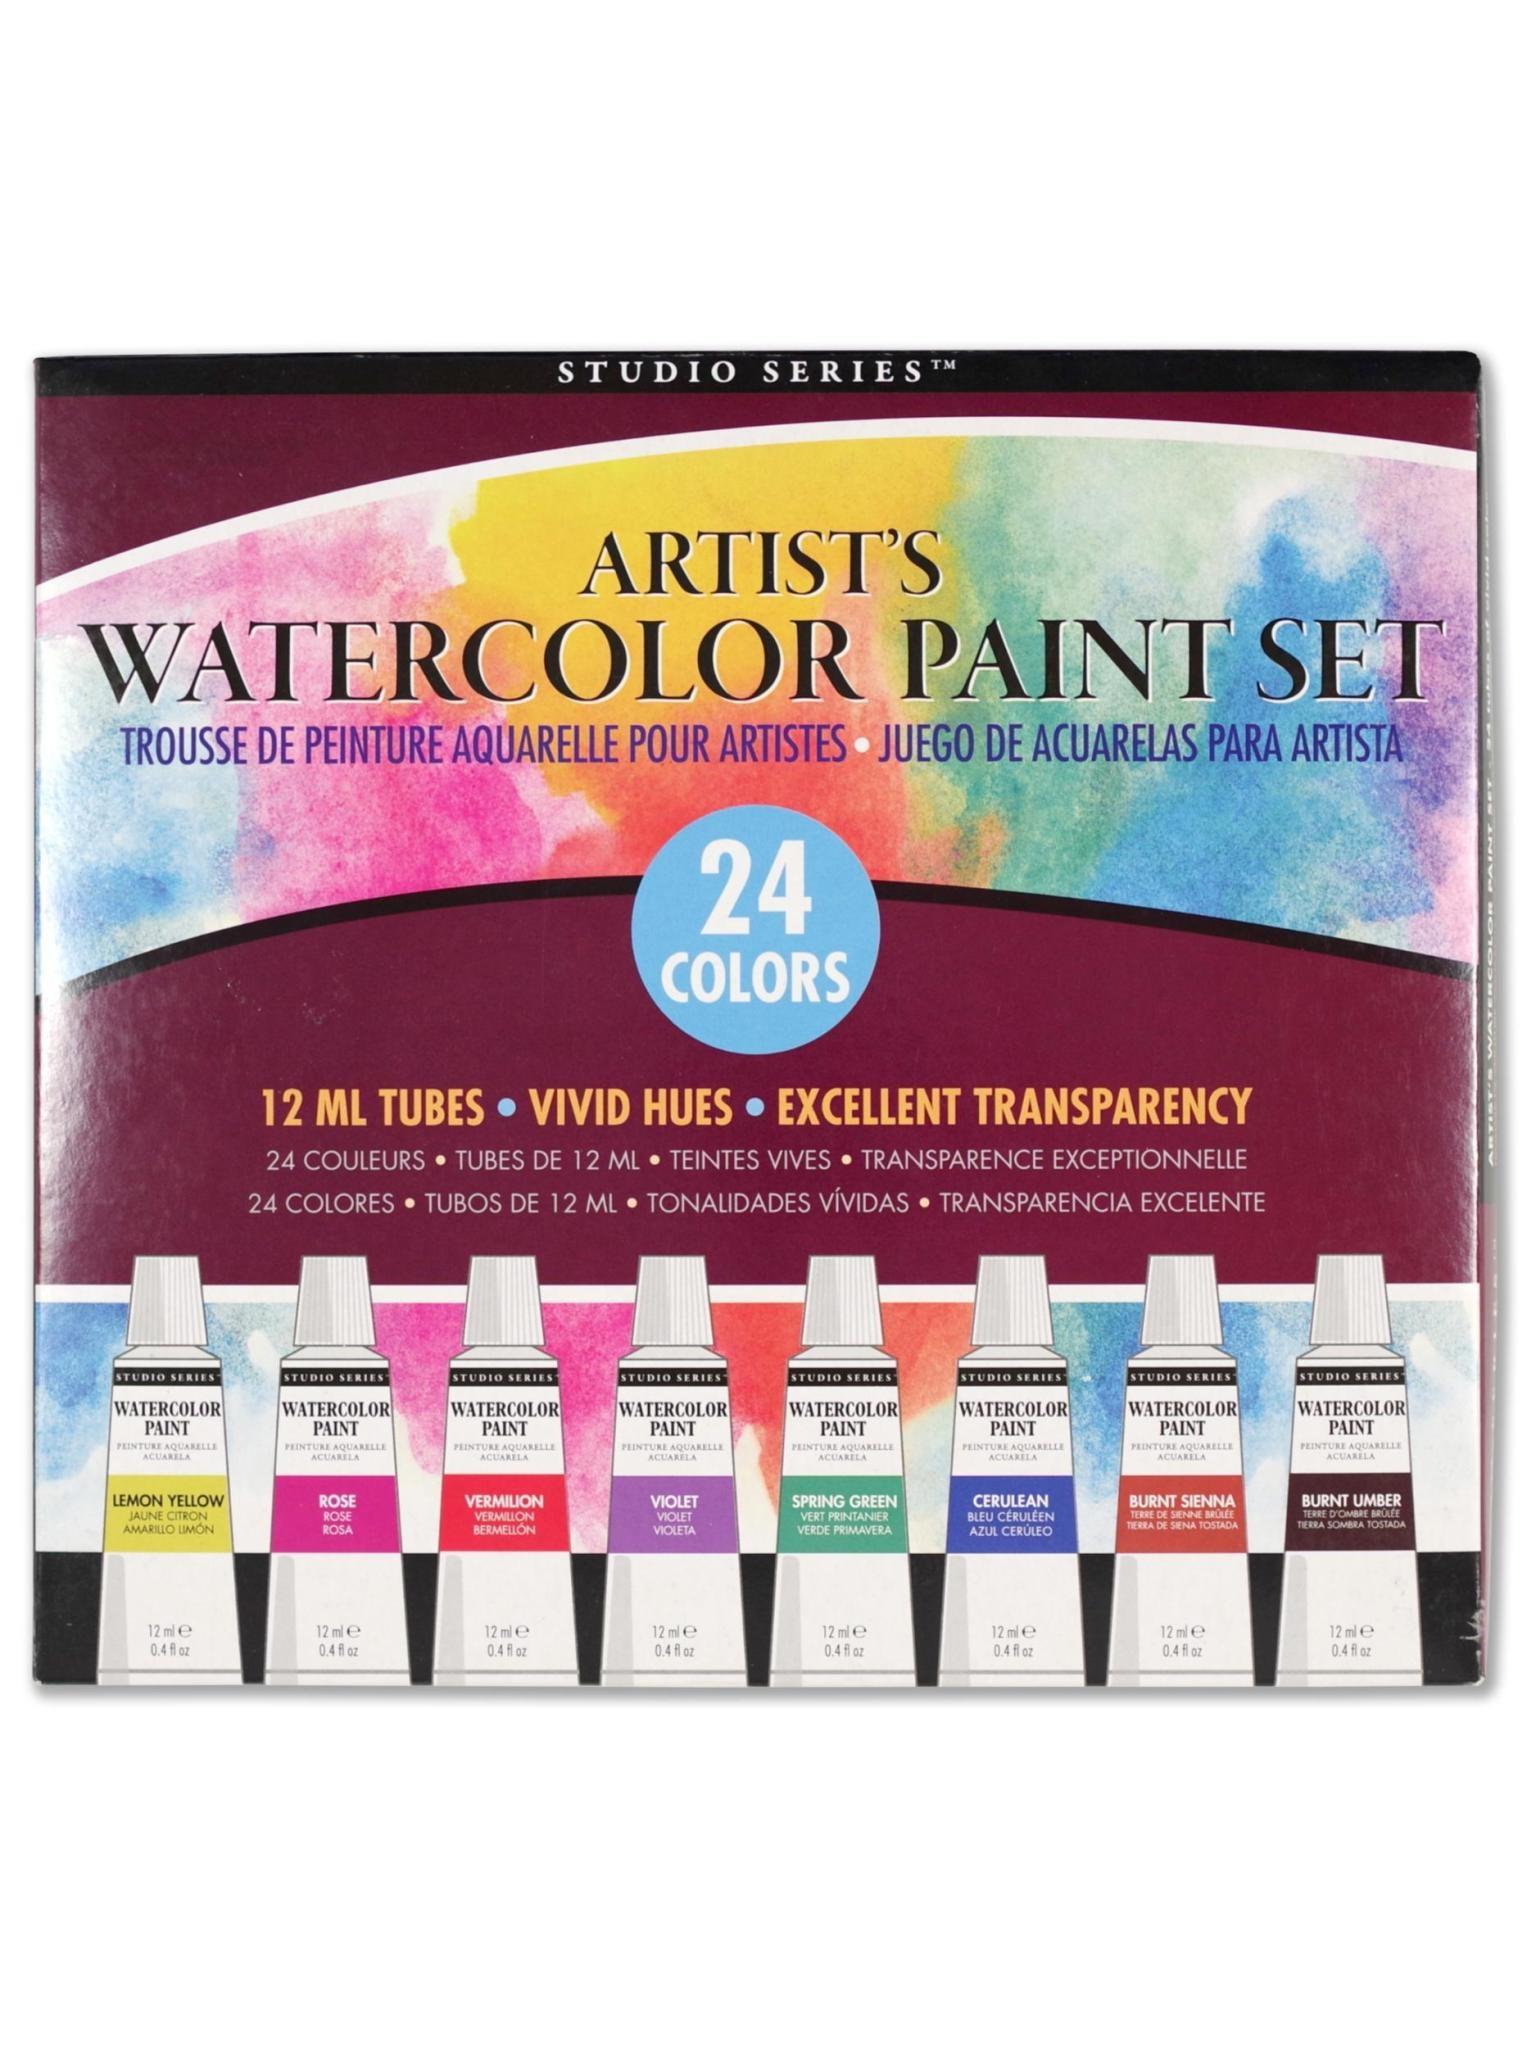 Peter Pauper Watercolor Paint Set